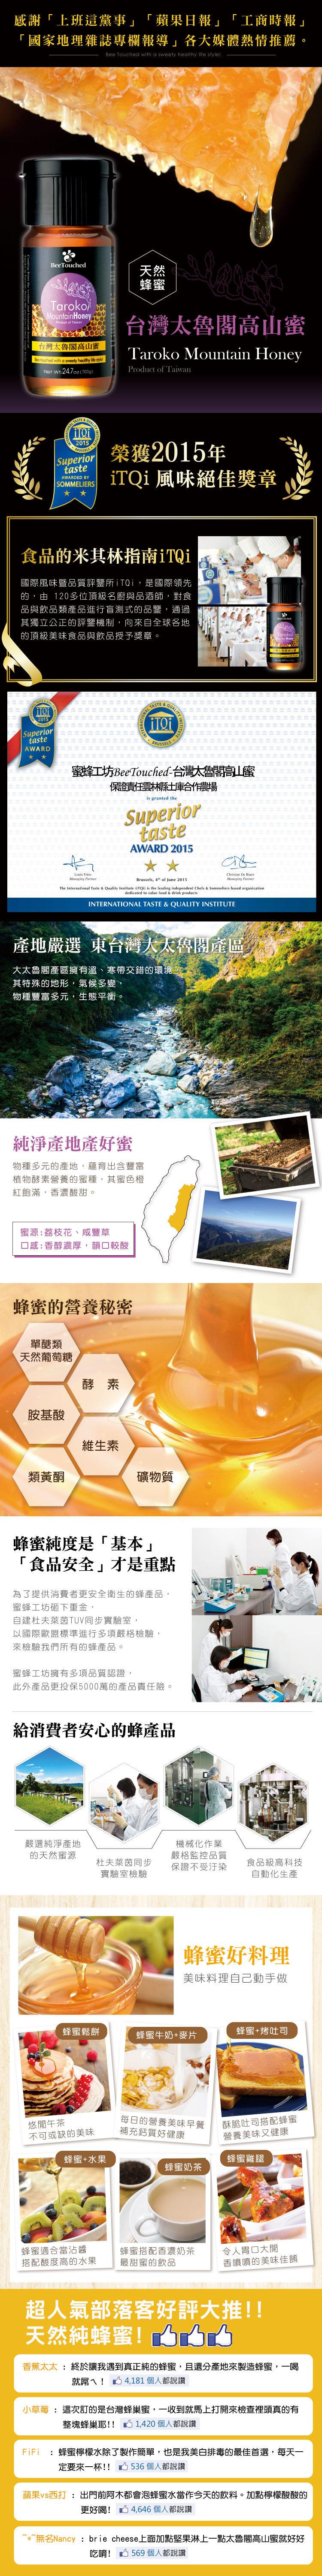 蜜蜂工坊-台灣太魯閣高山蜜700g